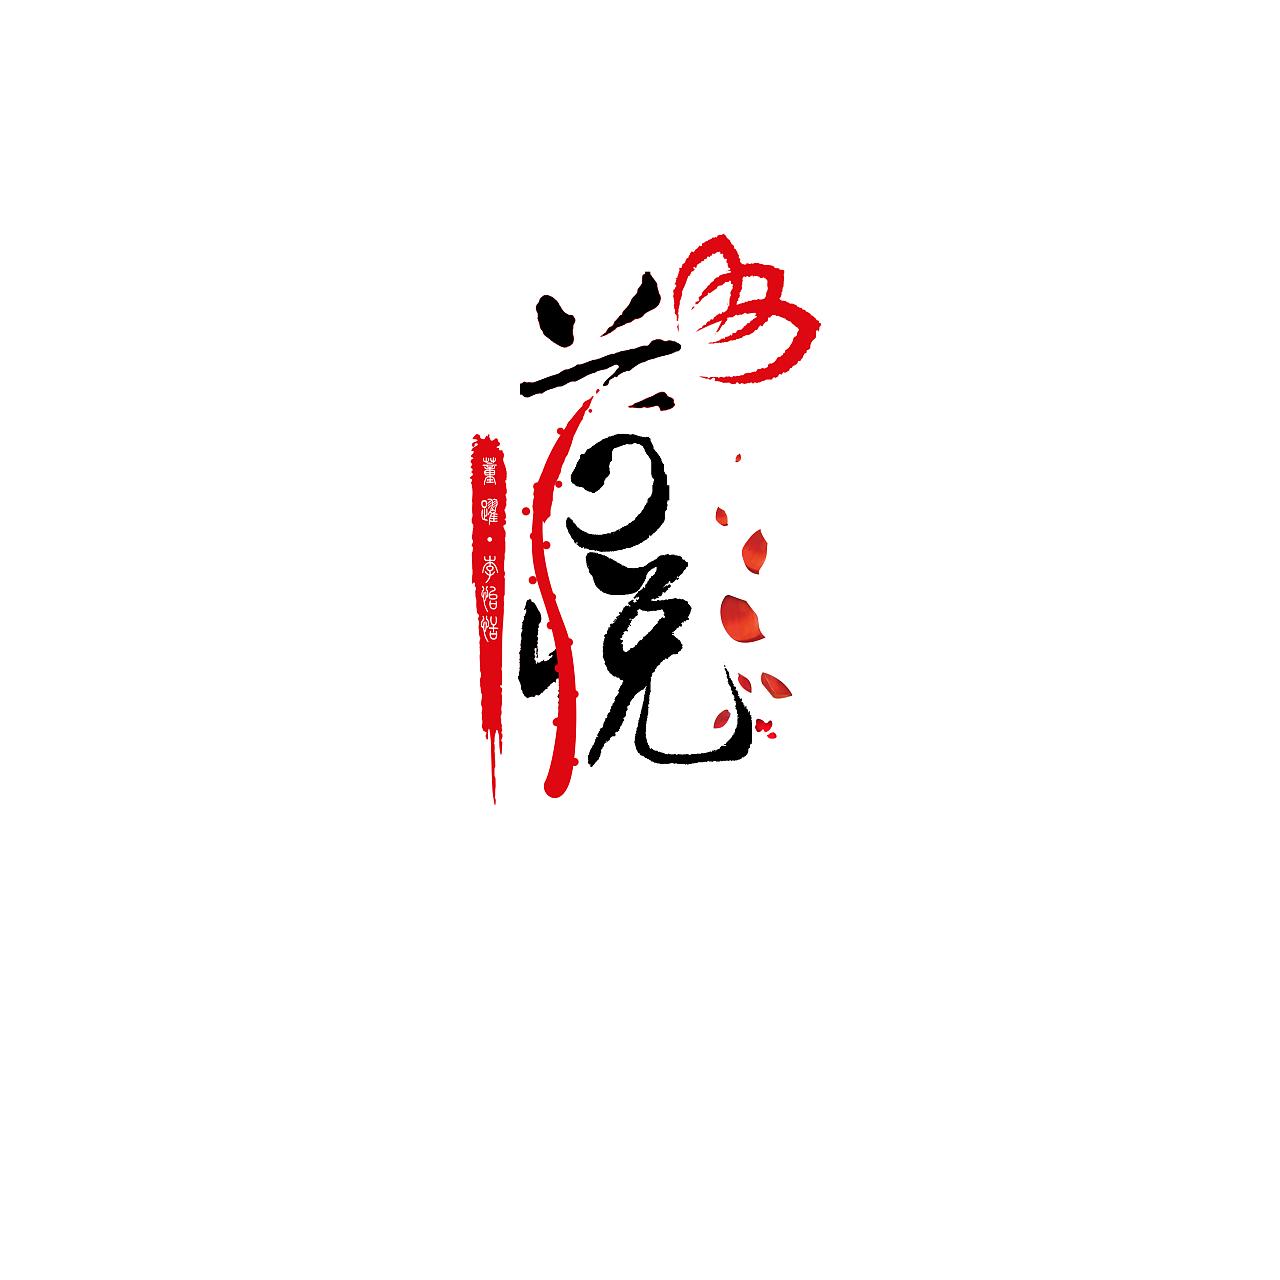 以荷字打头,悦字收尾,融合荷花主题,贯穿整个logo.